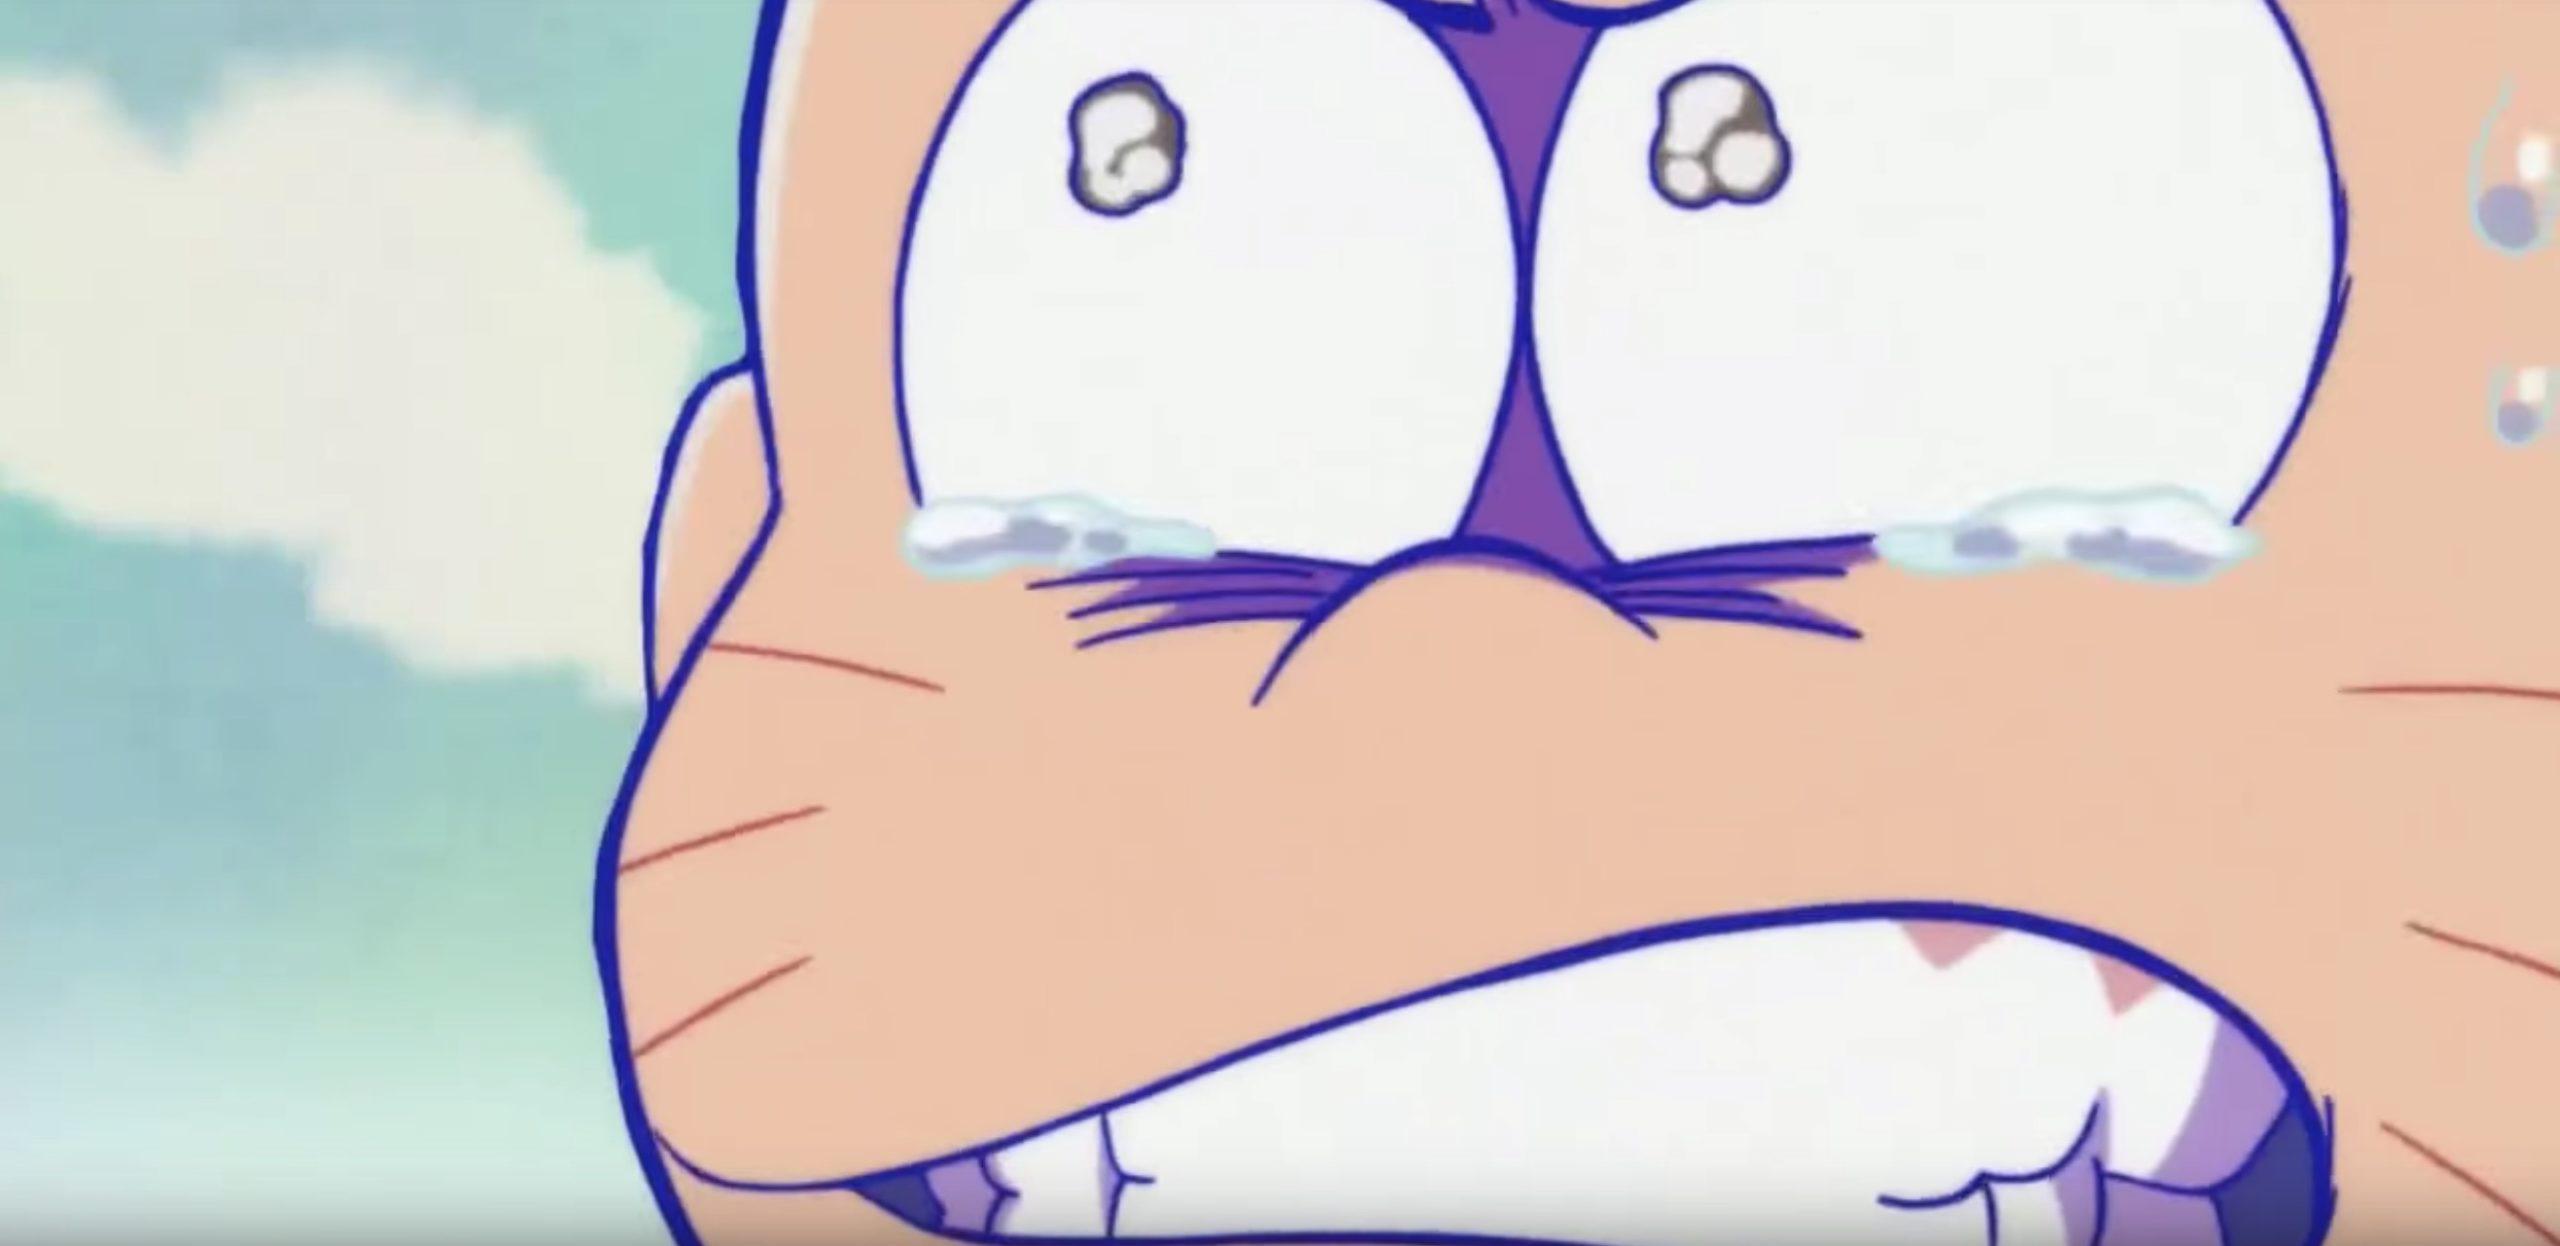 おそ松さん 第2期 第19話「 デカパン大統領 」「 ふくわ術 」「 バレンタインデー 」「 デリバリーコント 」【感想コラム】